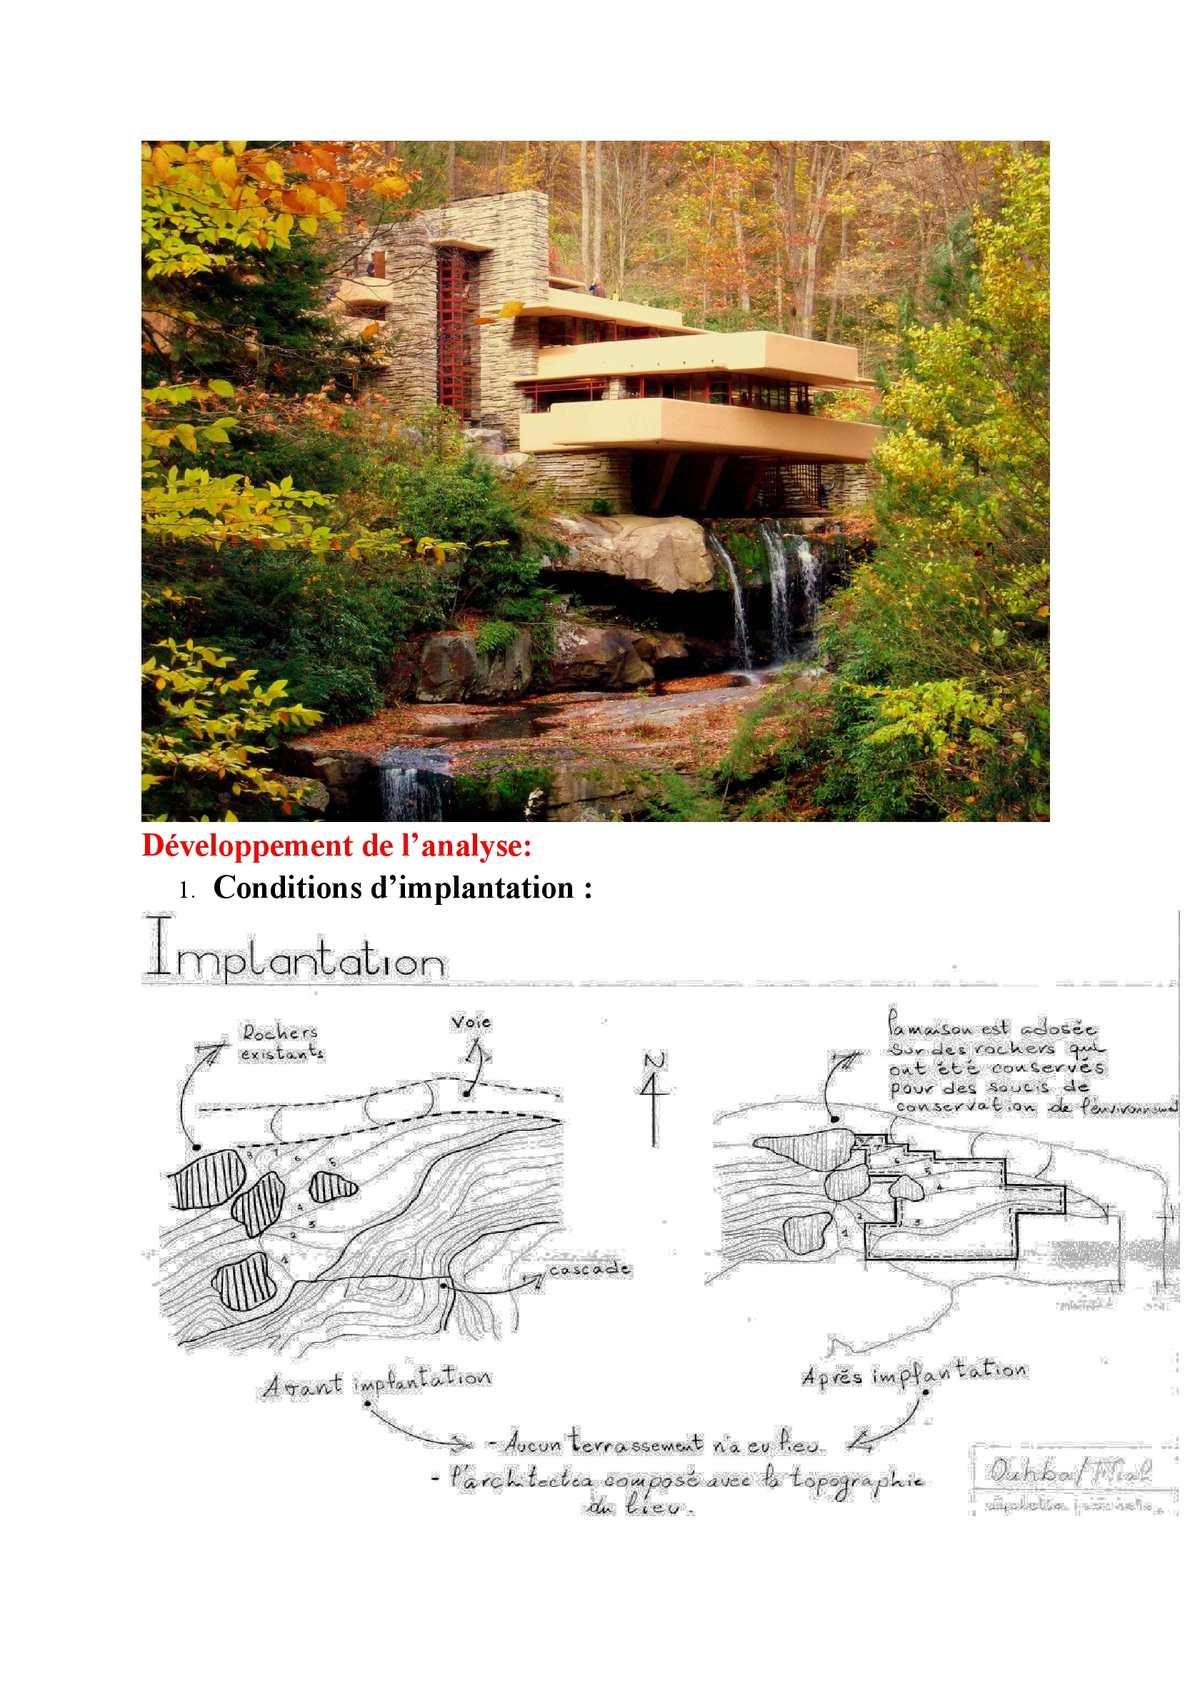 analyse de la maison sur la cascade calameo downloader